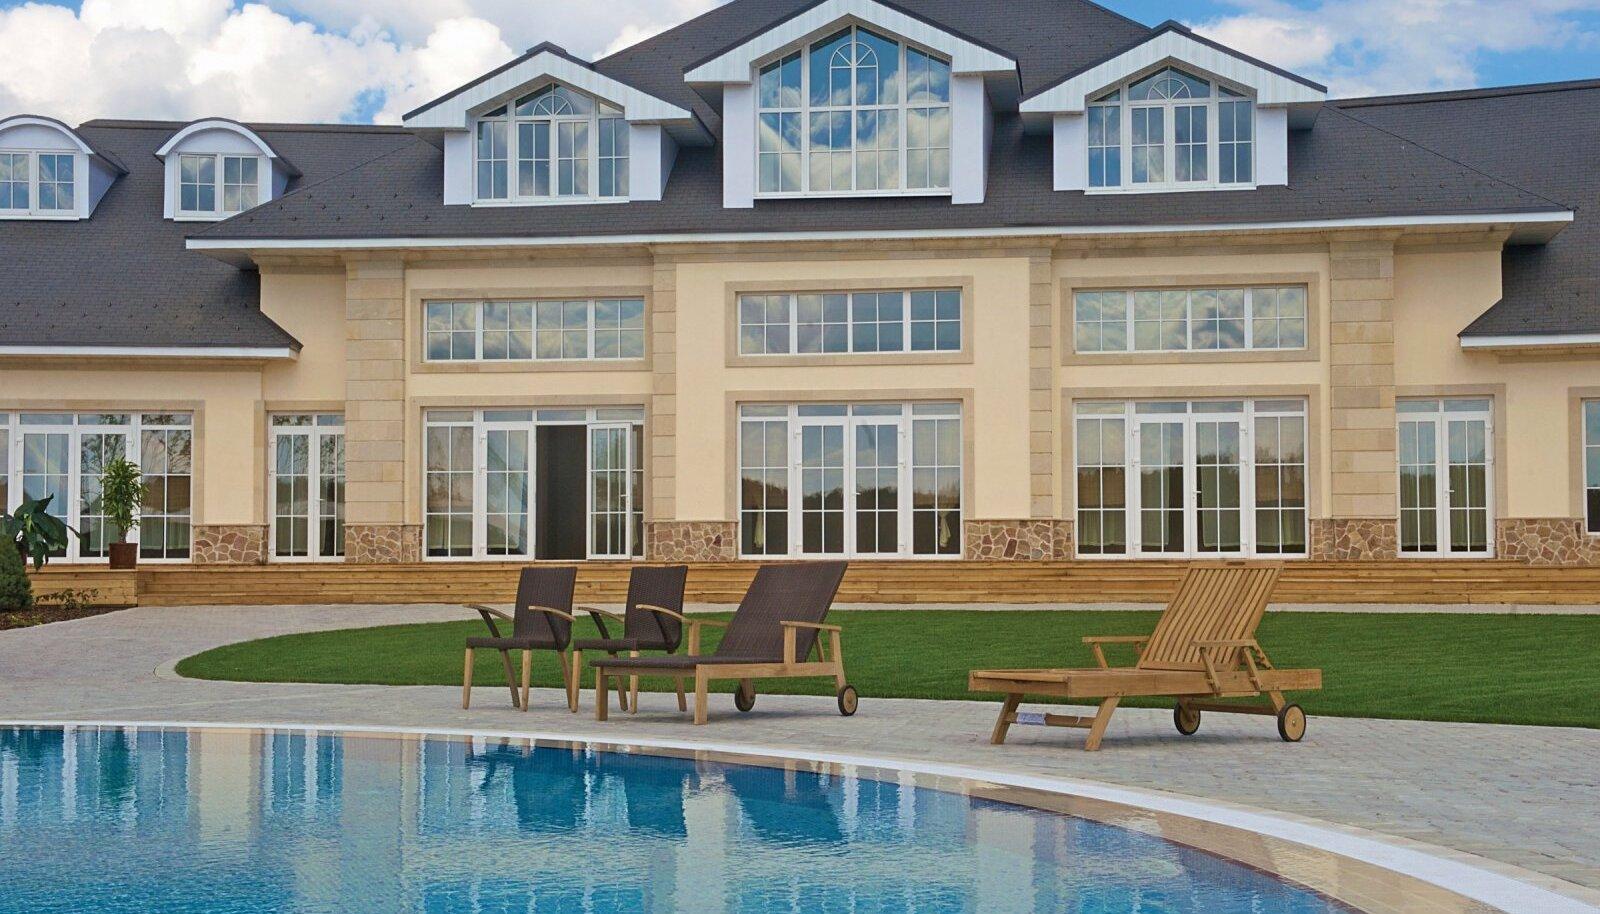 Villa ilma basseinita on nagu kaaviar ilma šampanjata. Maja miljardär Aras Agalarovi rajatud superrikaste elurajoonis Rubljovka lähistel.